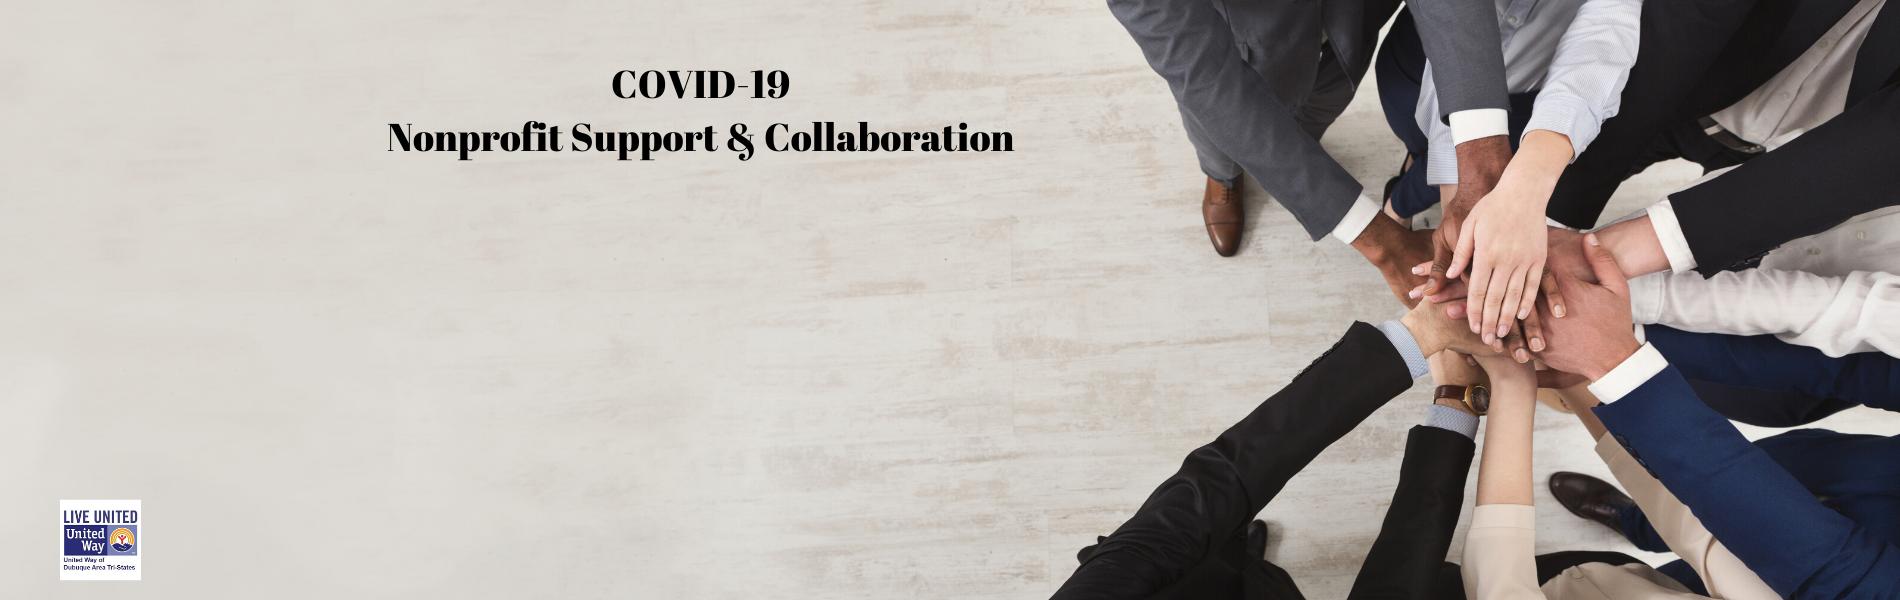 Non-Profit Support COVID-19